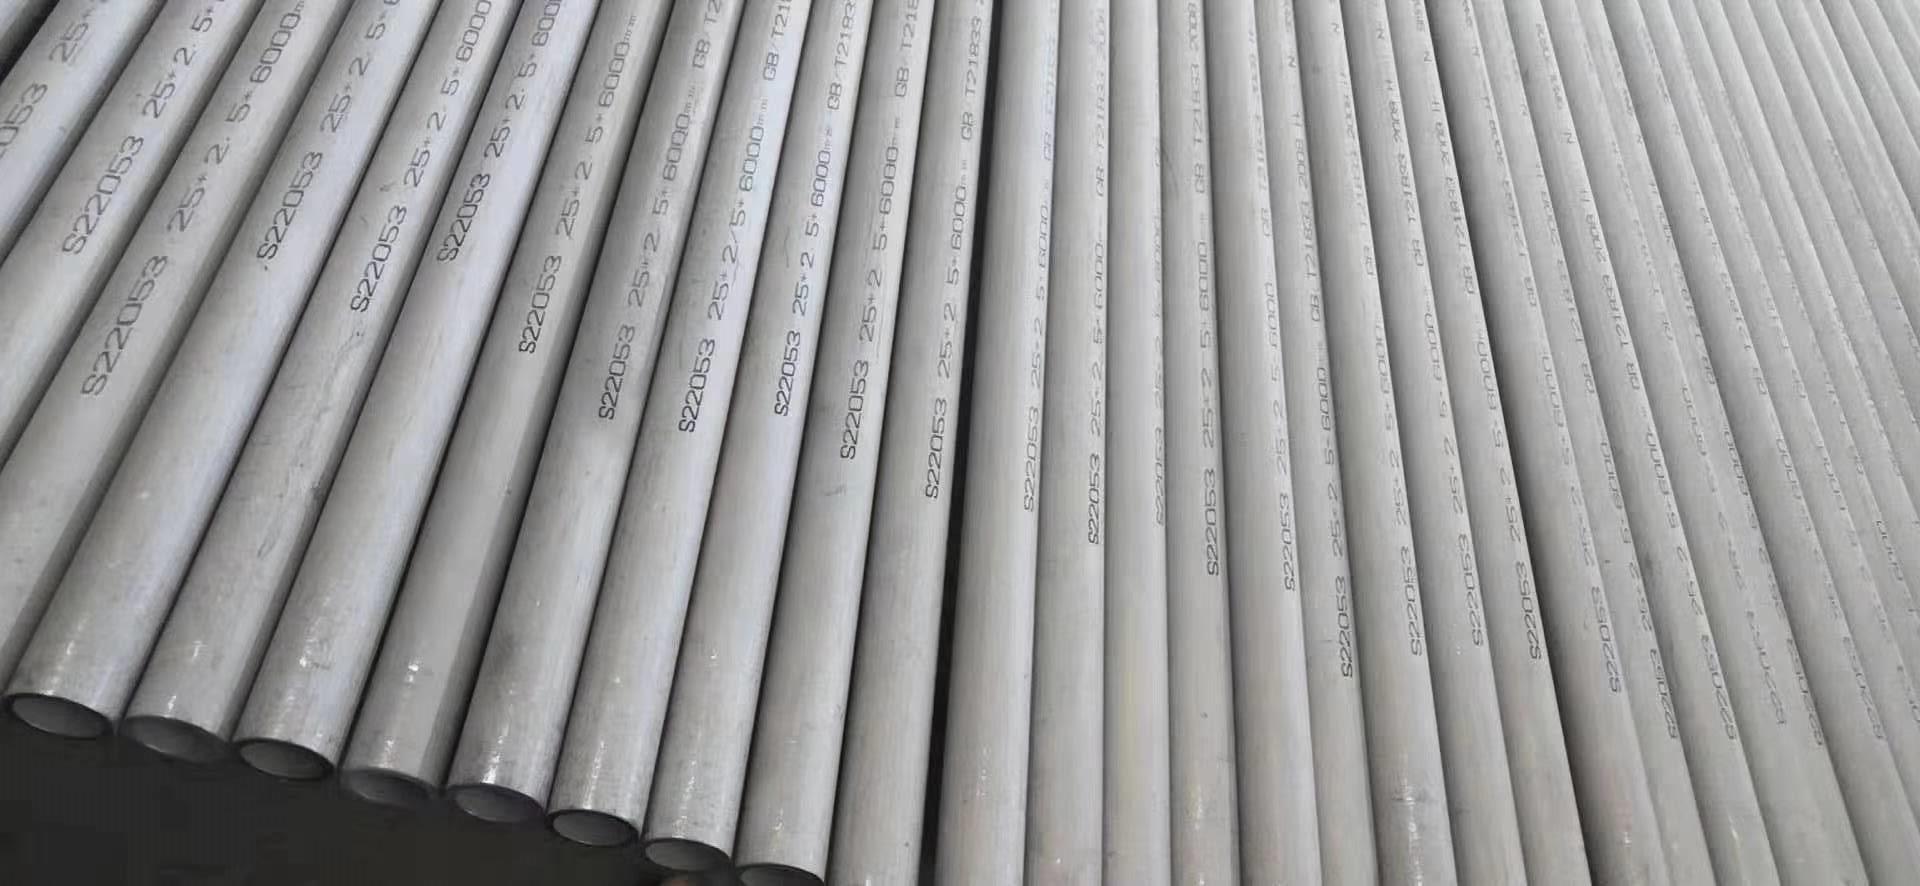 S22053/S25073雙相鋼管,雙相鋼管2205/2507S32750